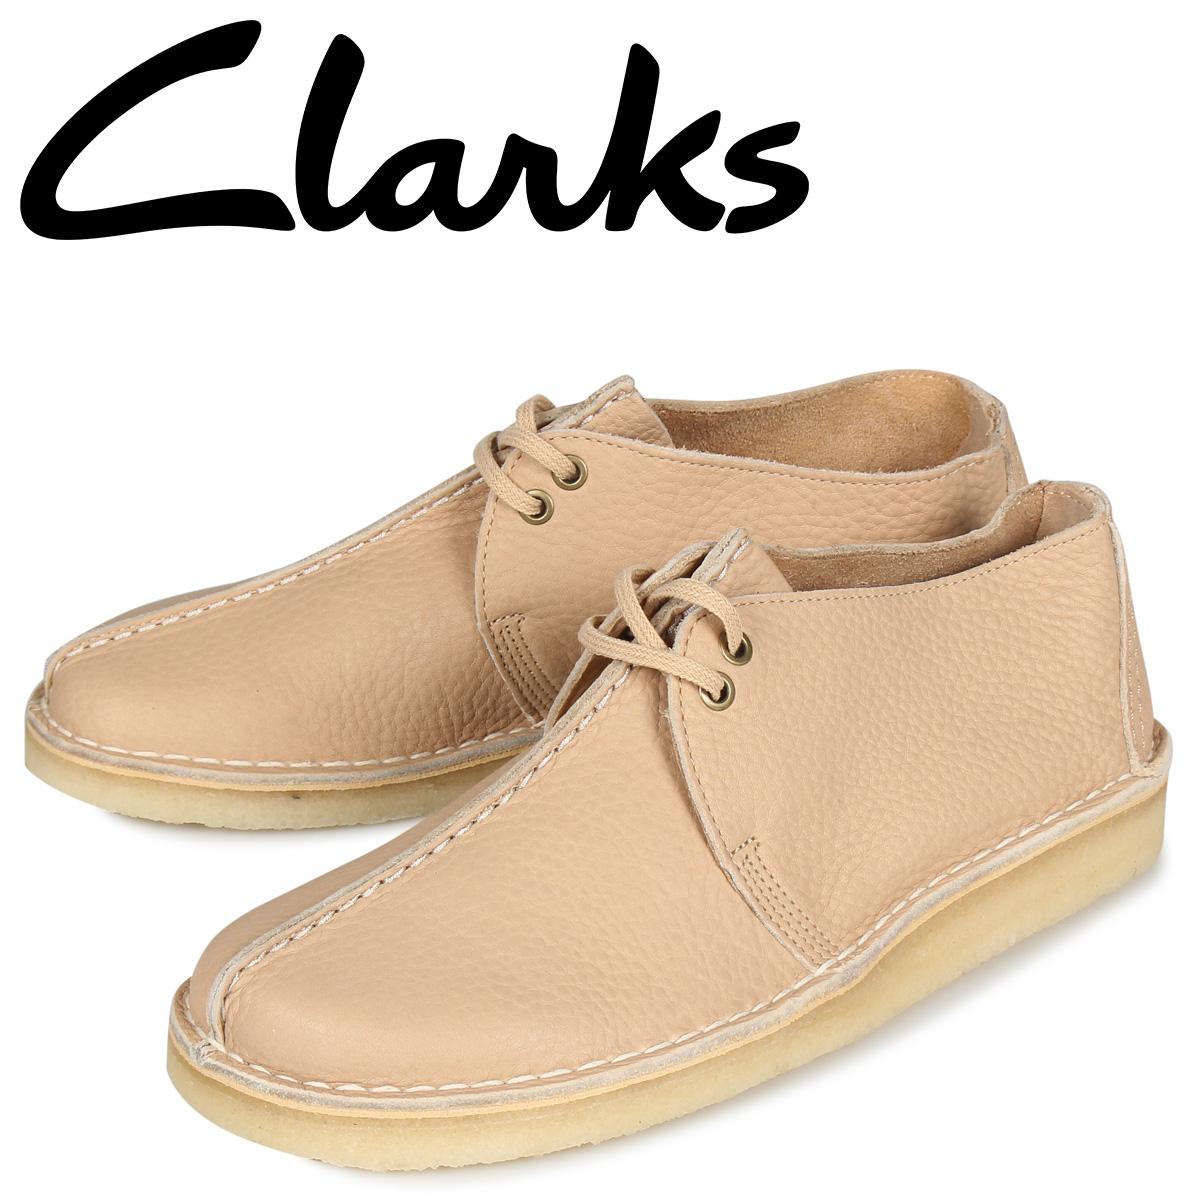 クラークス Clarks デザートトレック ブーツ メンズ DESERT TREK オフ ホワイト 26145275